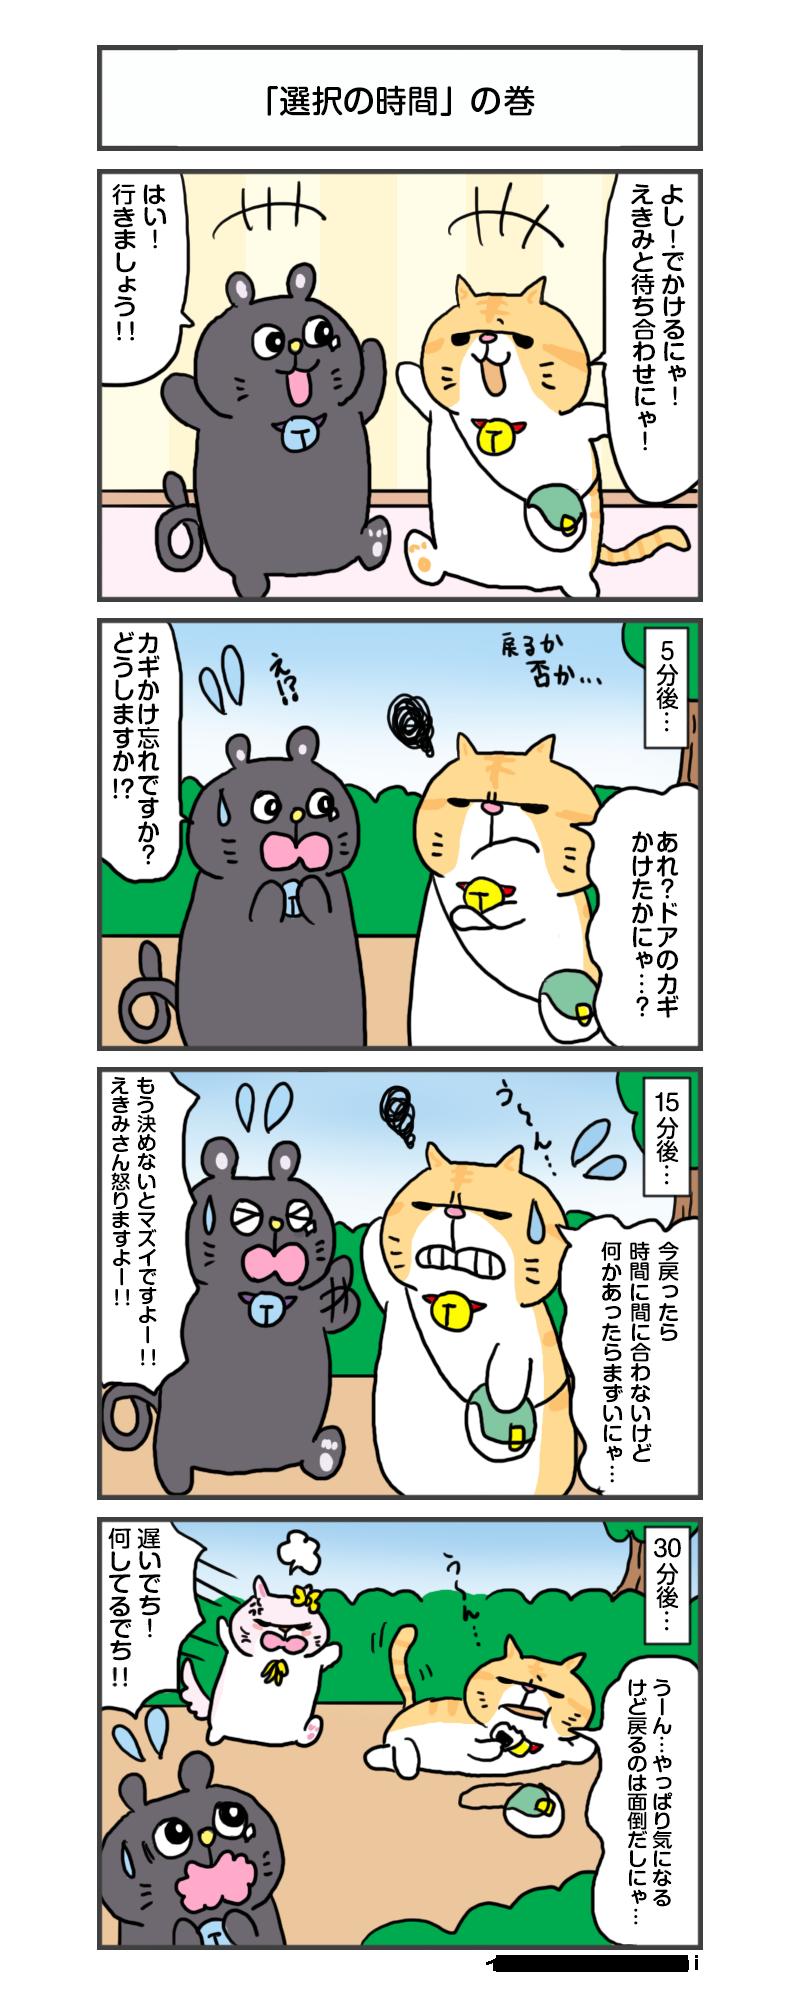 縺医″縺昴y縺・anga_vol.220